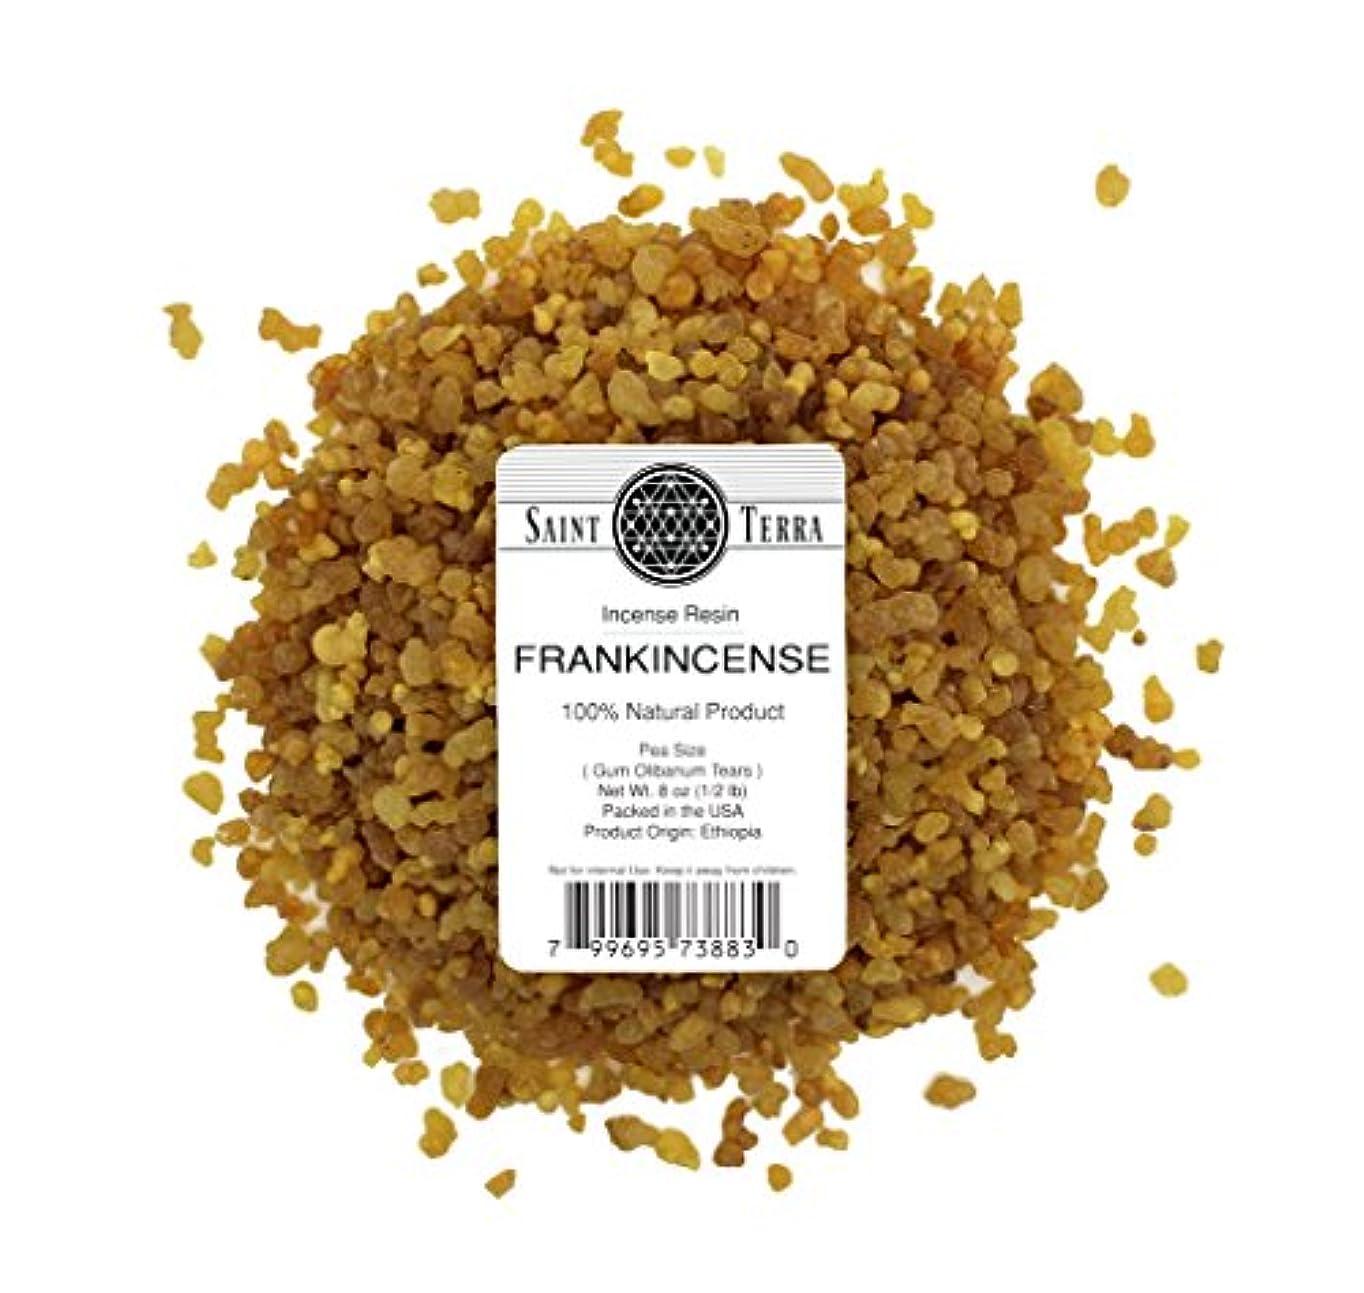 何もない放散する予知Saint Terra – Frankincense Incense樹脂Peaサイズ8 oz ( 1 / 2 lb ) – 100 % Natural